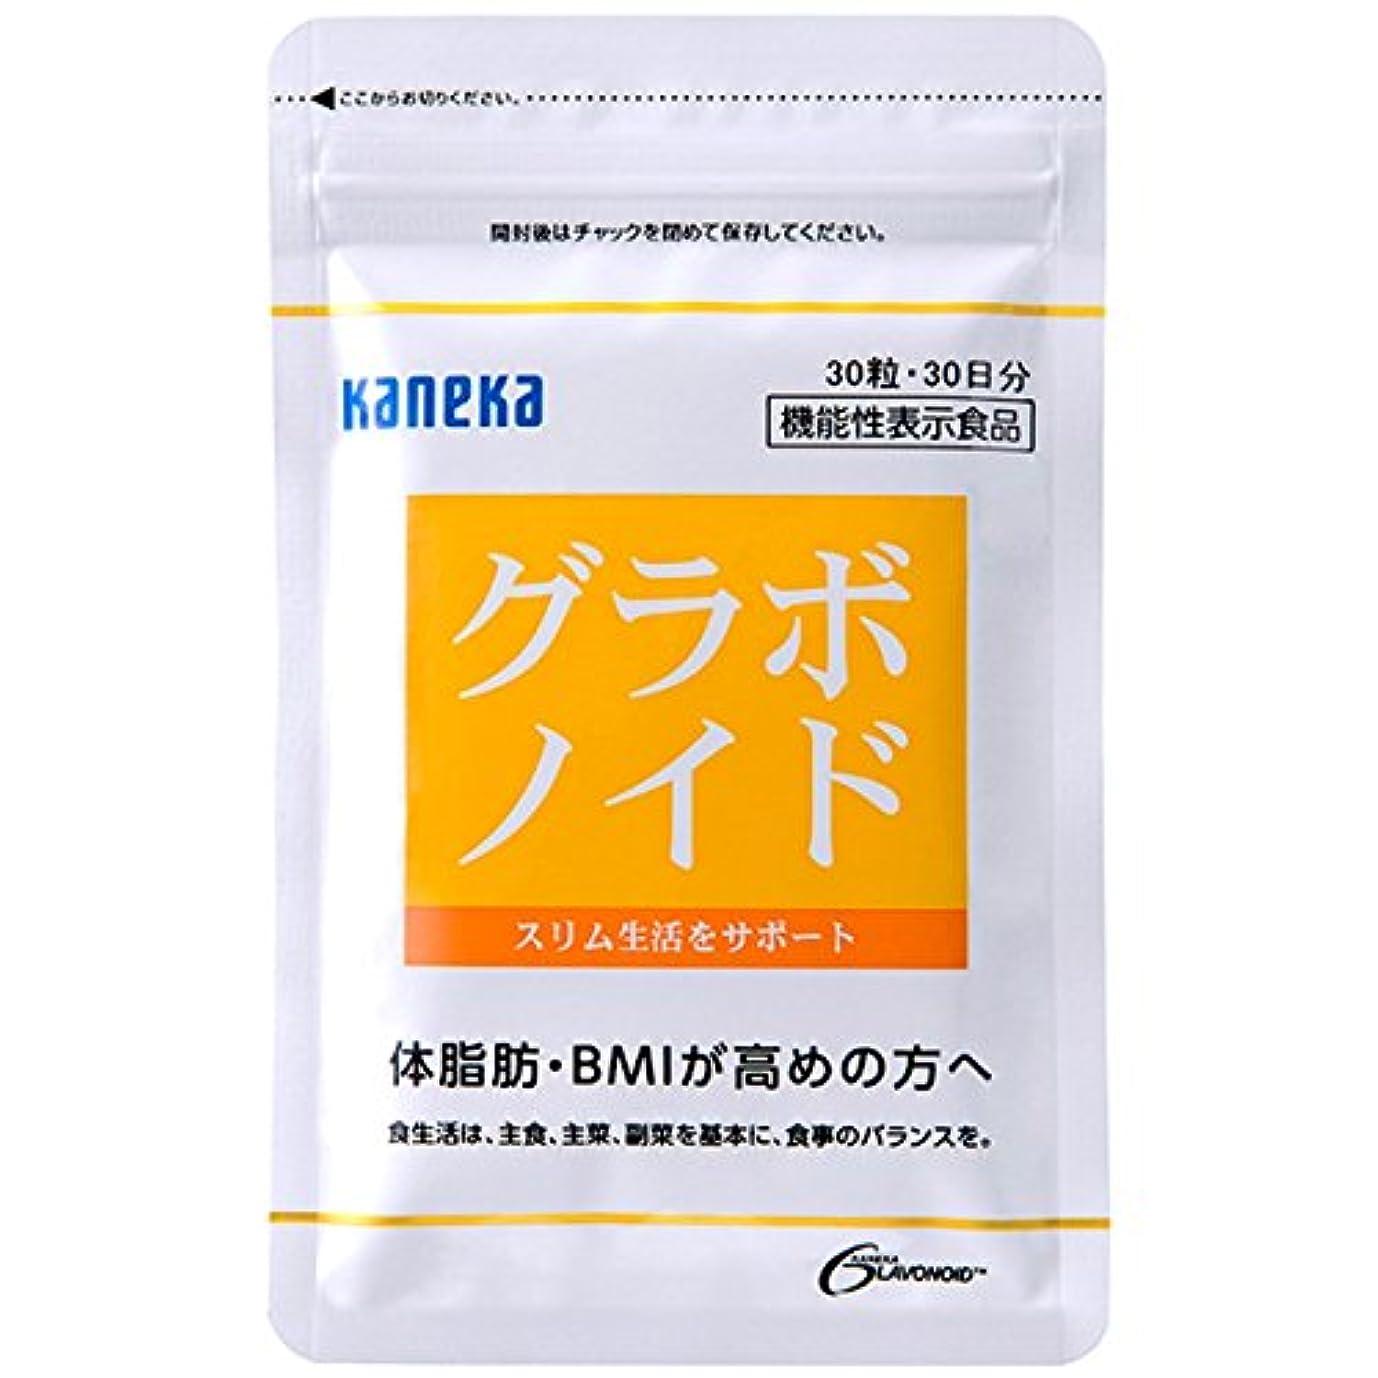 【カネカ?ダイエットサプリ】グラボノイド 30日分 20.5g(684mgx30粒入)